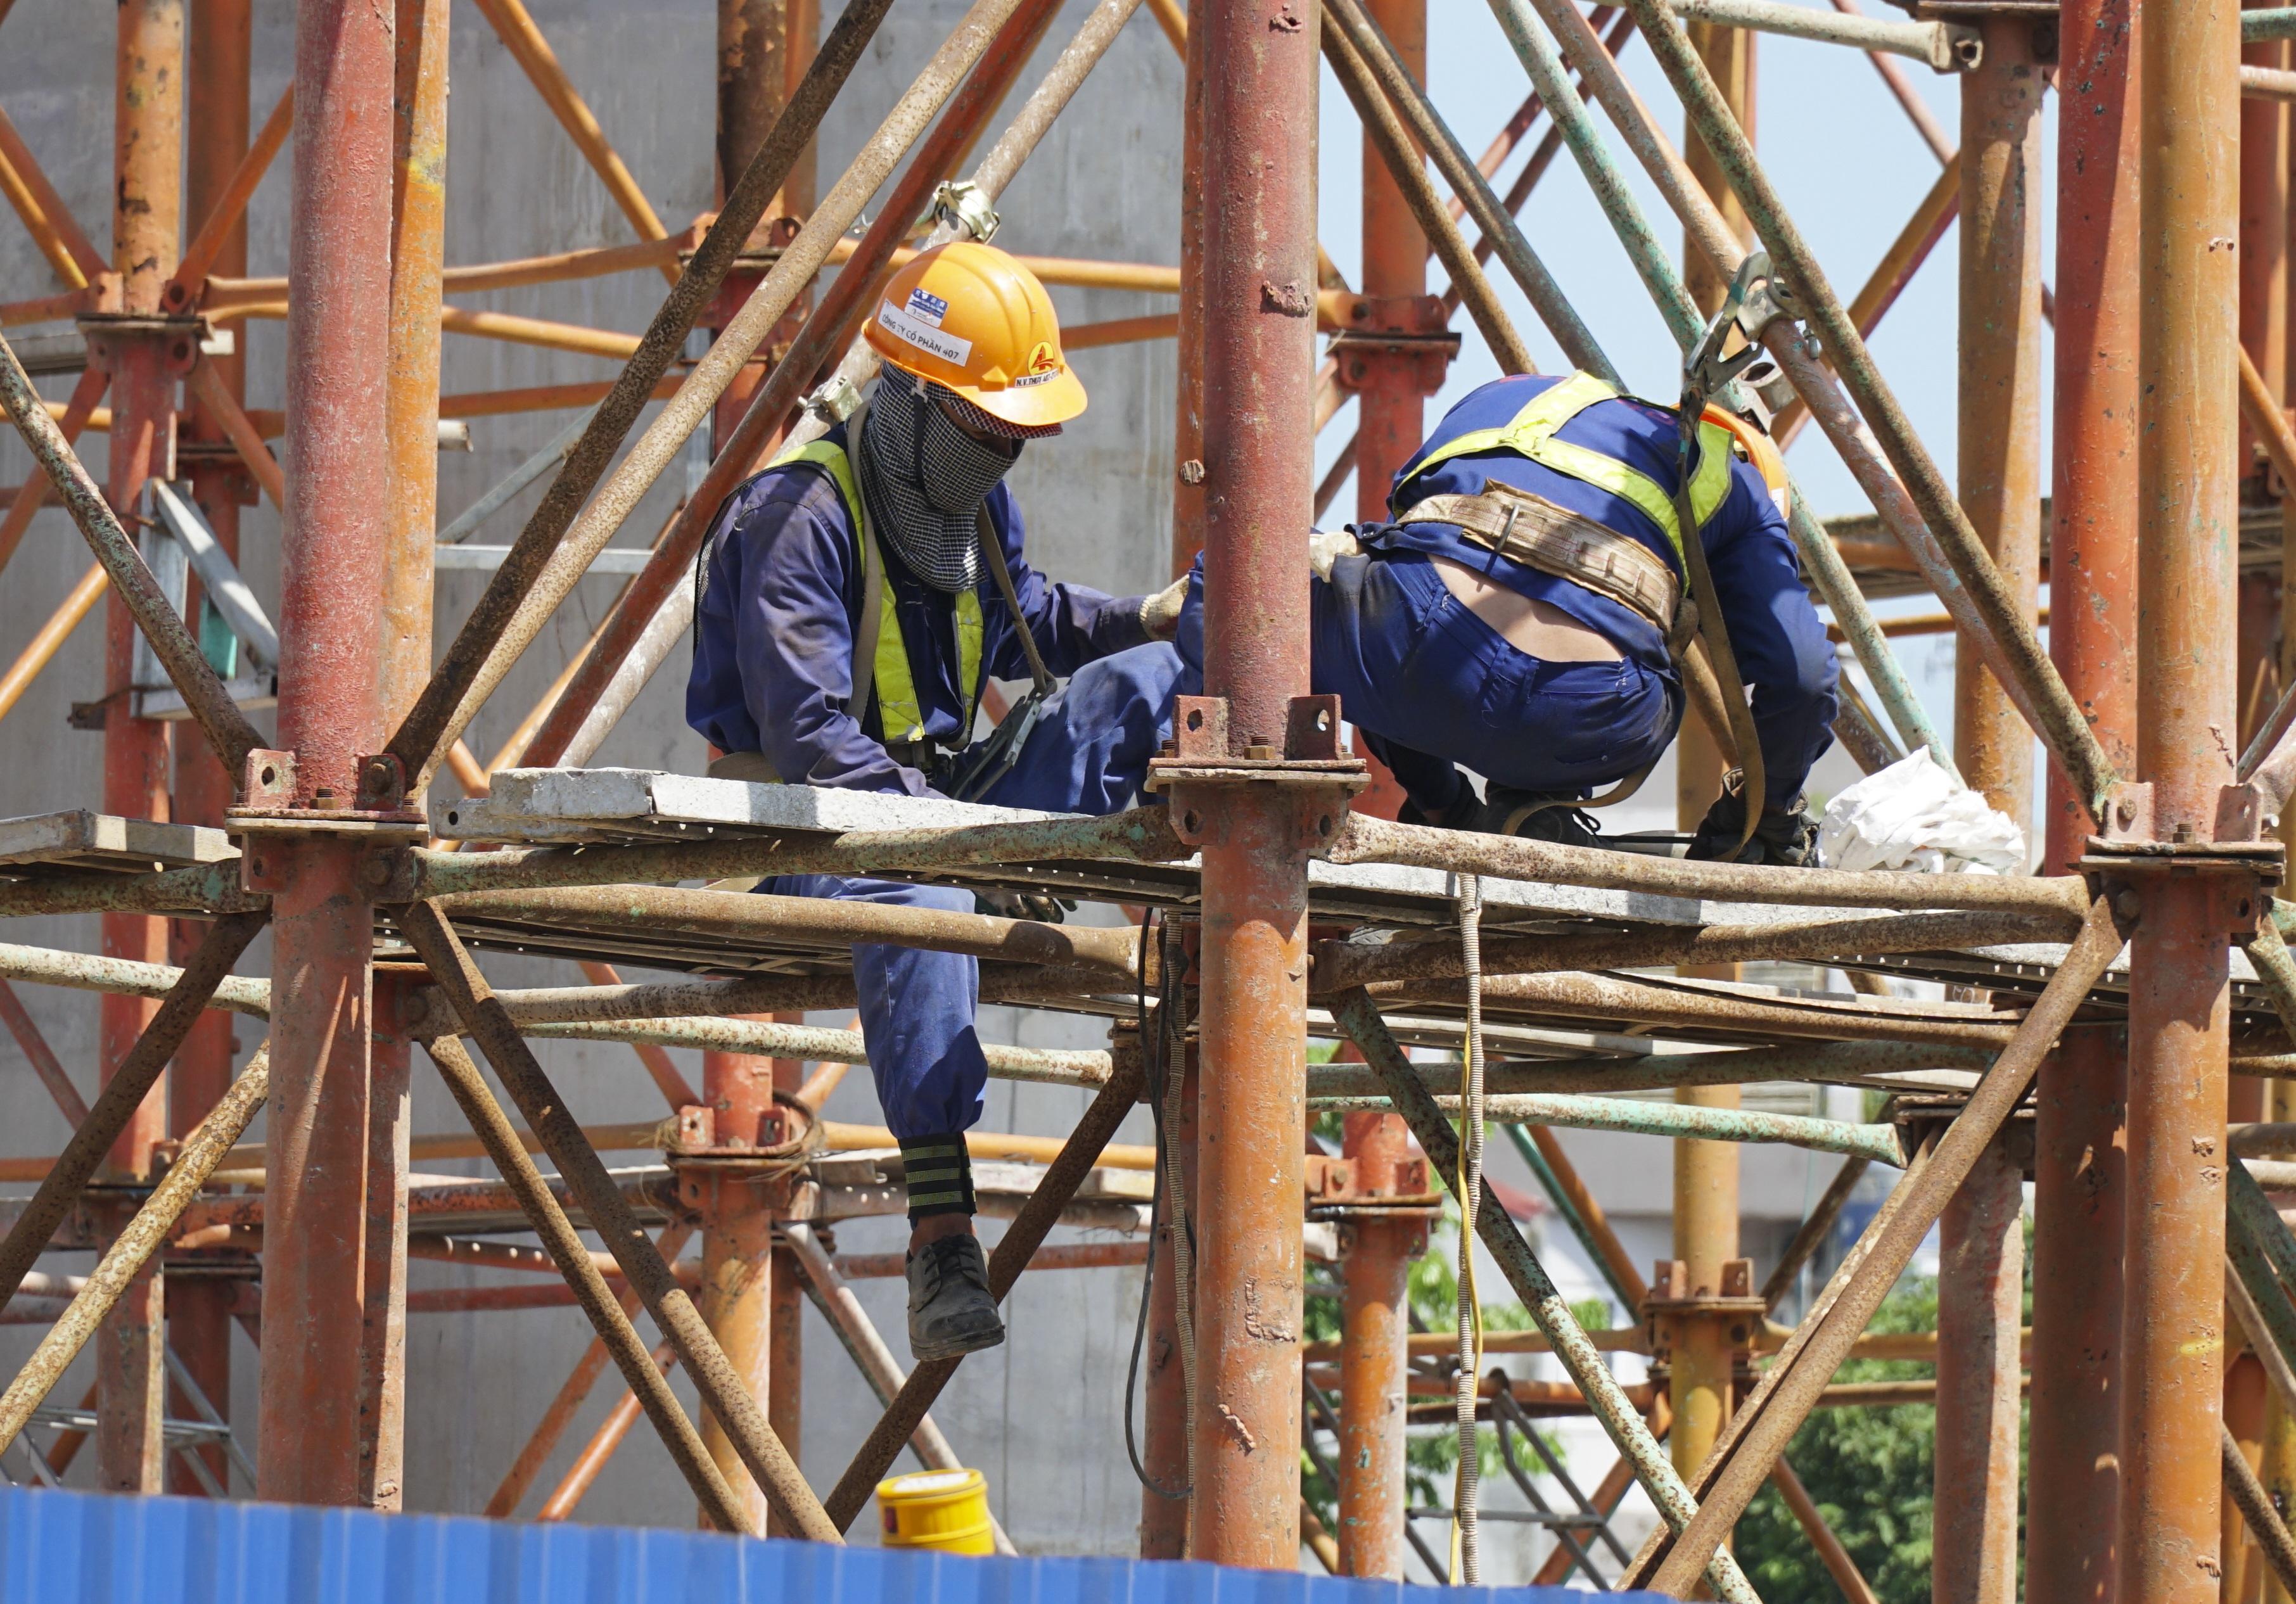 Toàn cảnh đại công trường đường 8.500 tỷ đồng ở cửa ngõ Hà Nội - 9